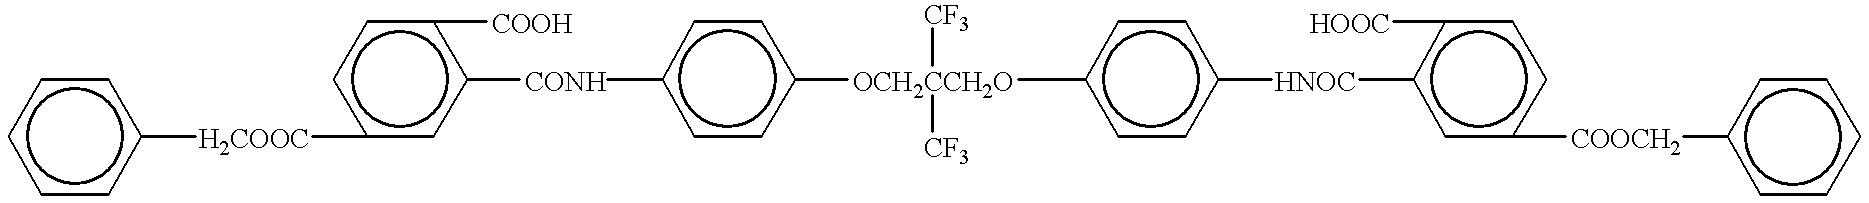 Figure US06180560-20010130-C00746